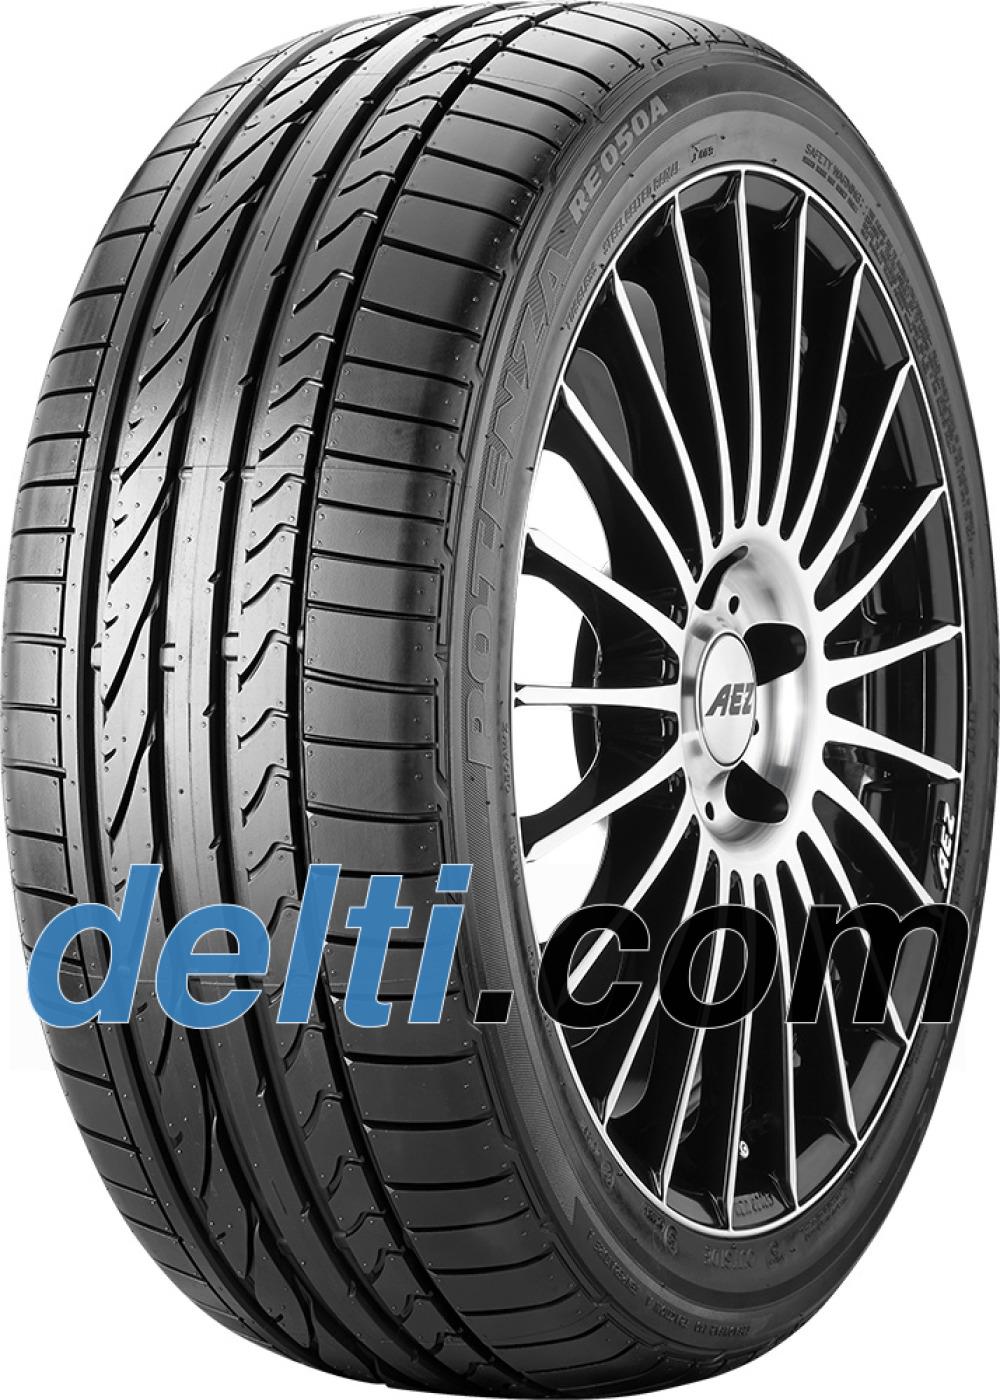 Bridgestone Potenza RE 050 A ( 225/40 R19 93Y XL met velgrandbescherming (MFS) )